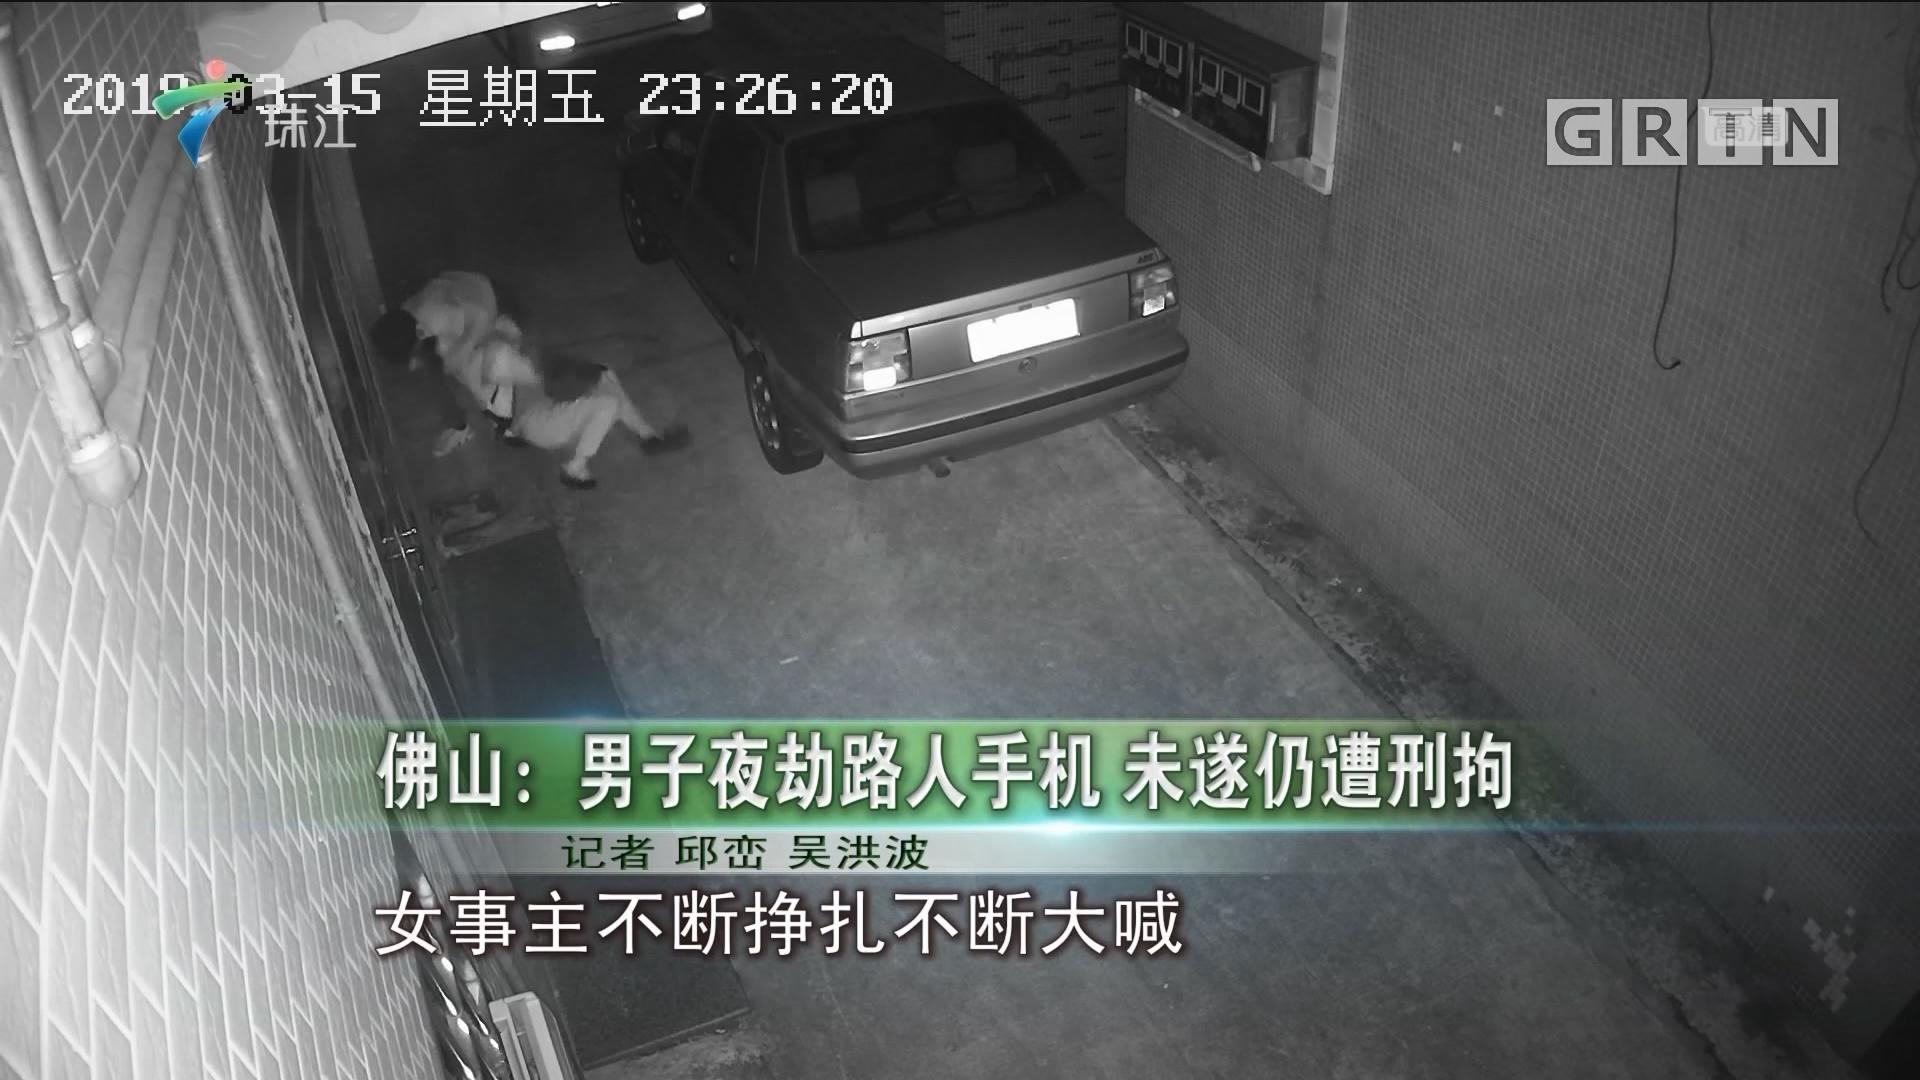 佛山:男子夜劫路人手机 未遂仍遭刑拘